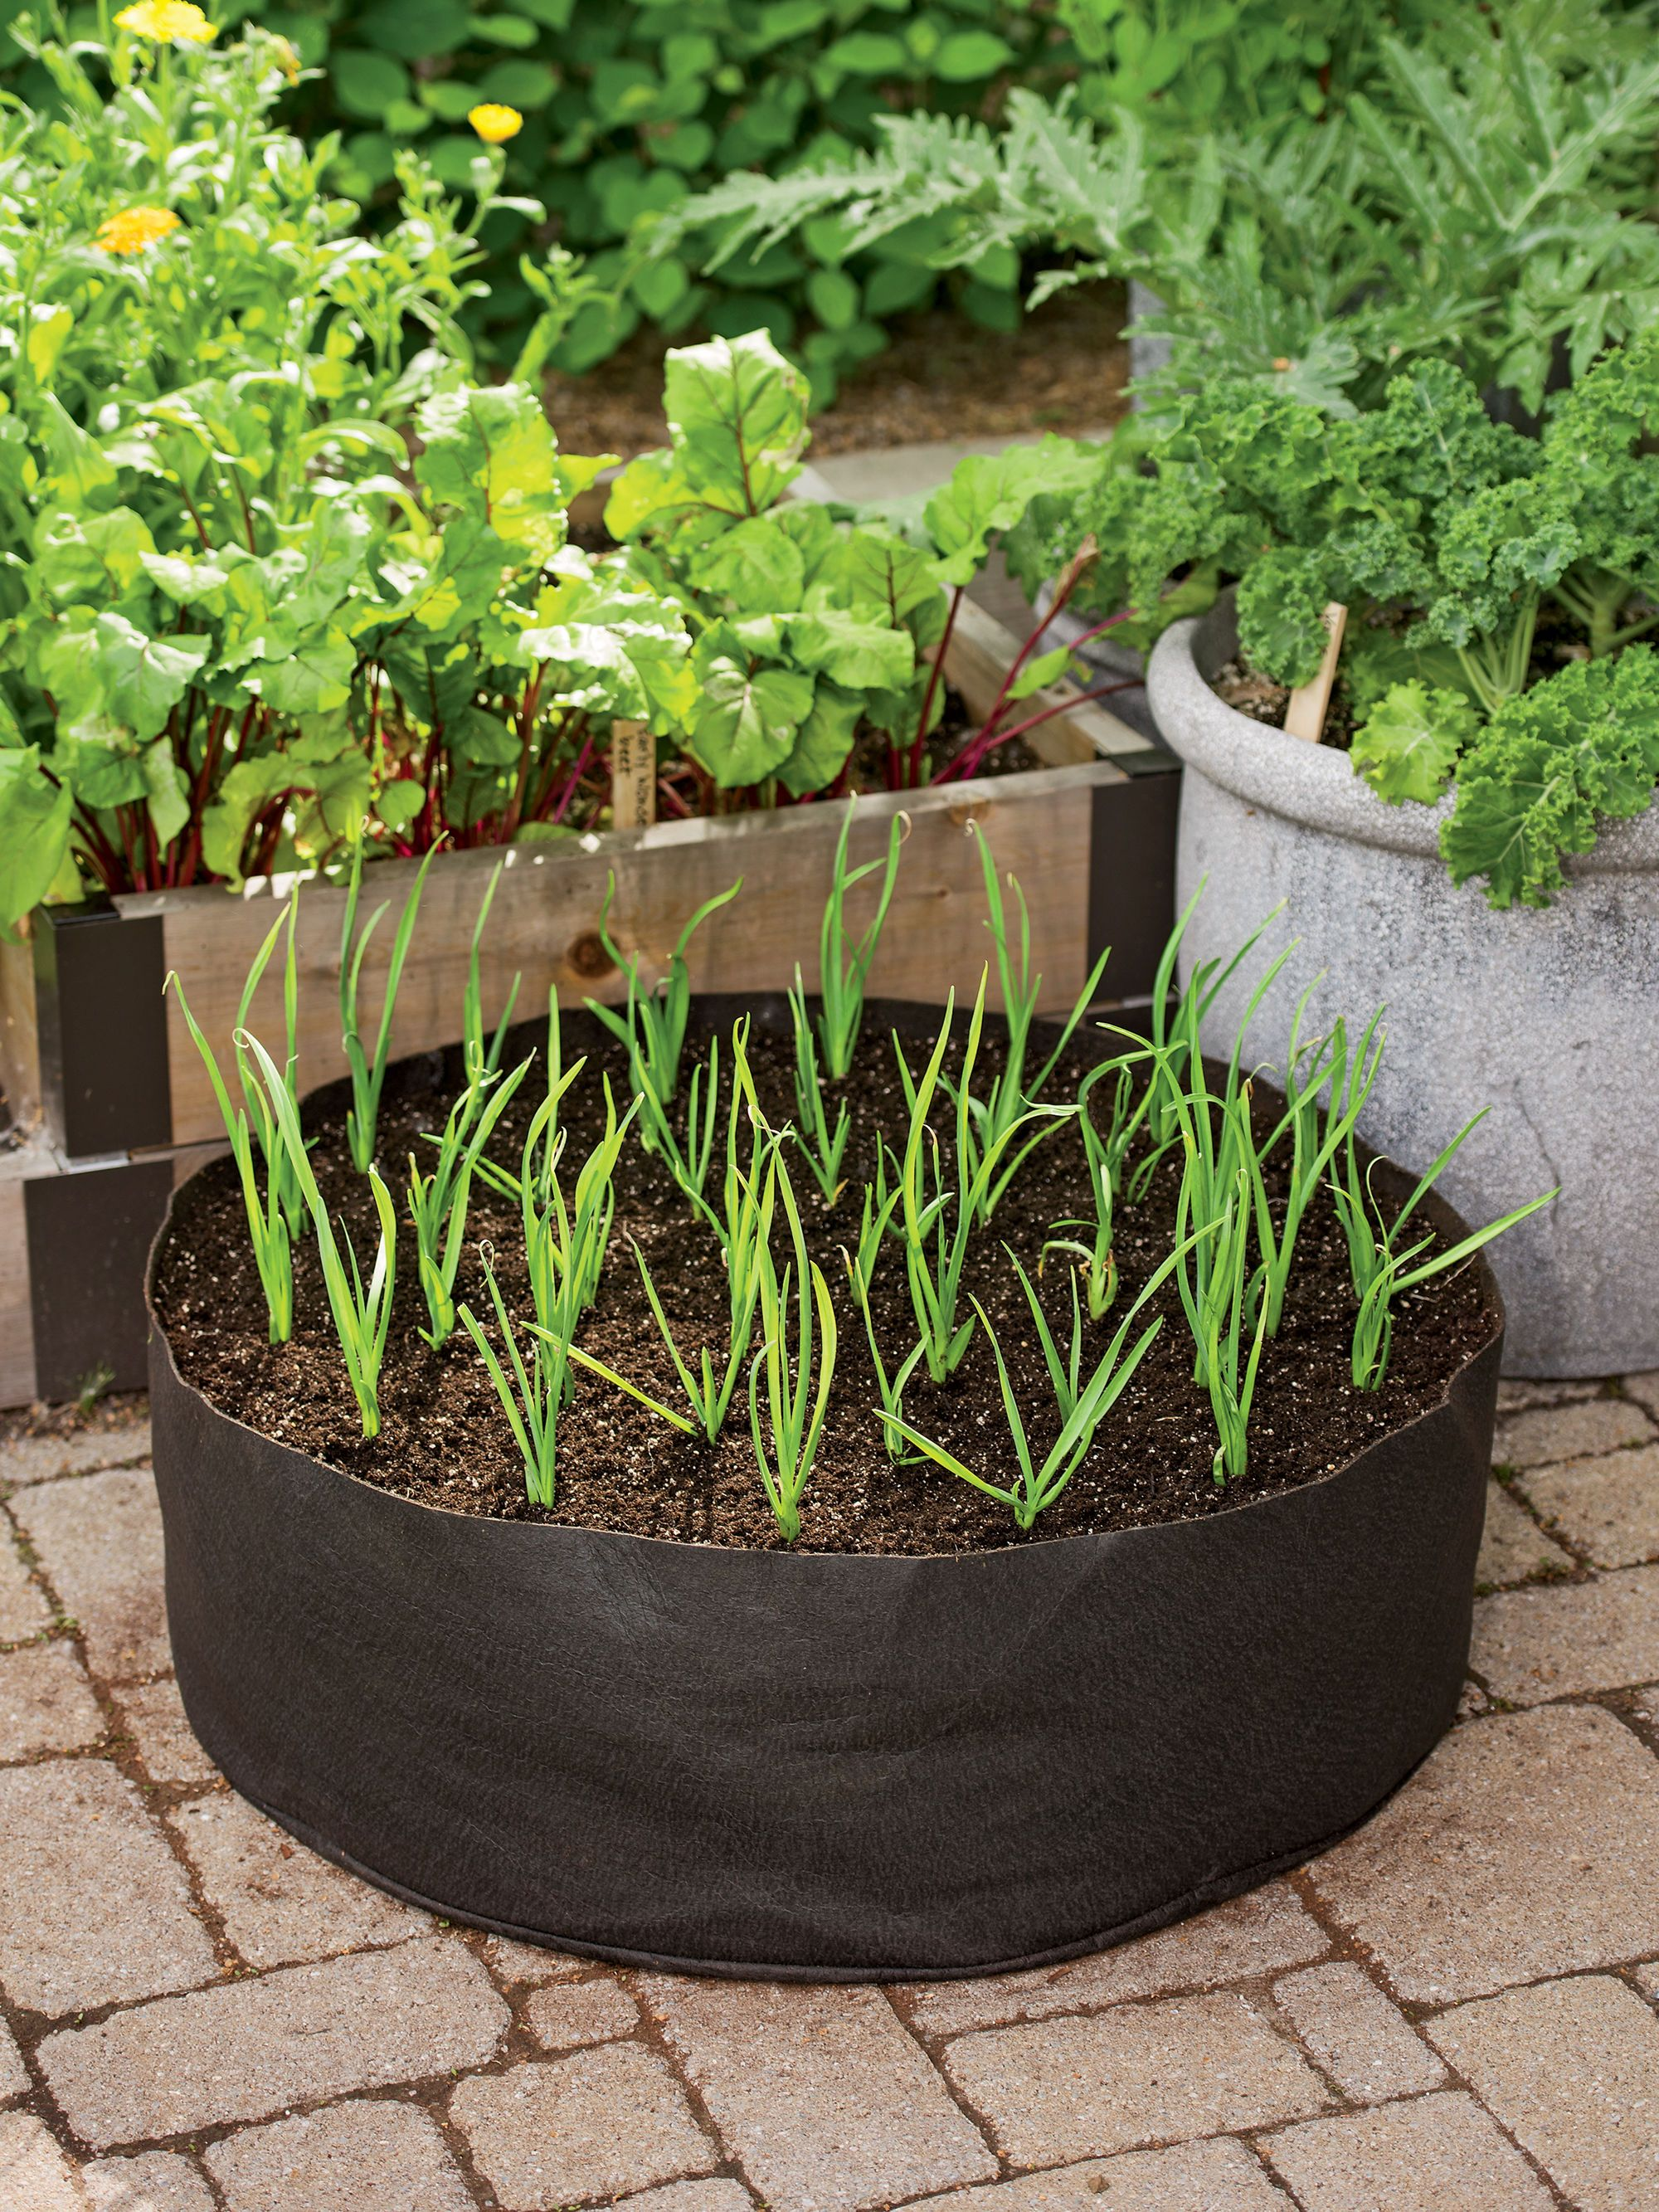 Growing Garlic in the Garlic Grow Bag Kit